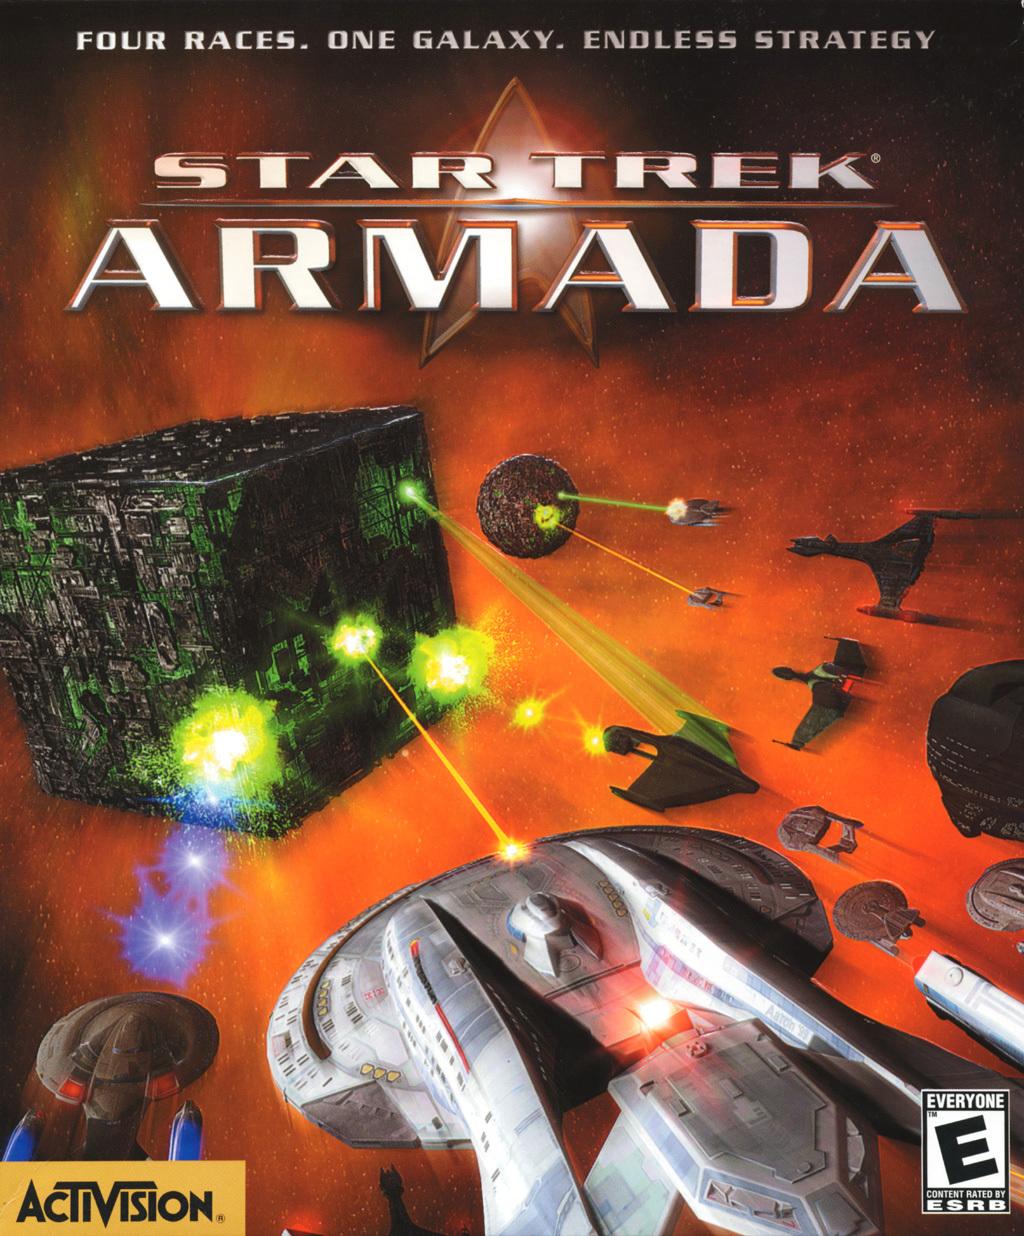 https://static.tvtropes.org/pmwiki/pub/images/star_trek_armada_cover.jpg